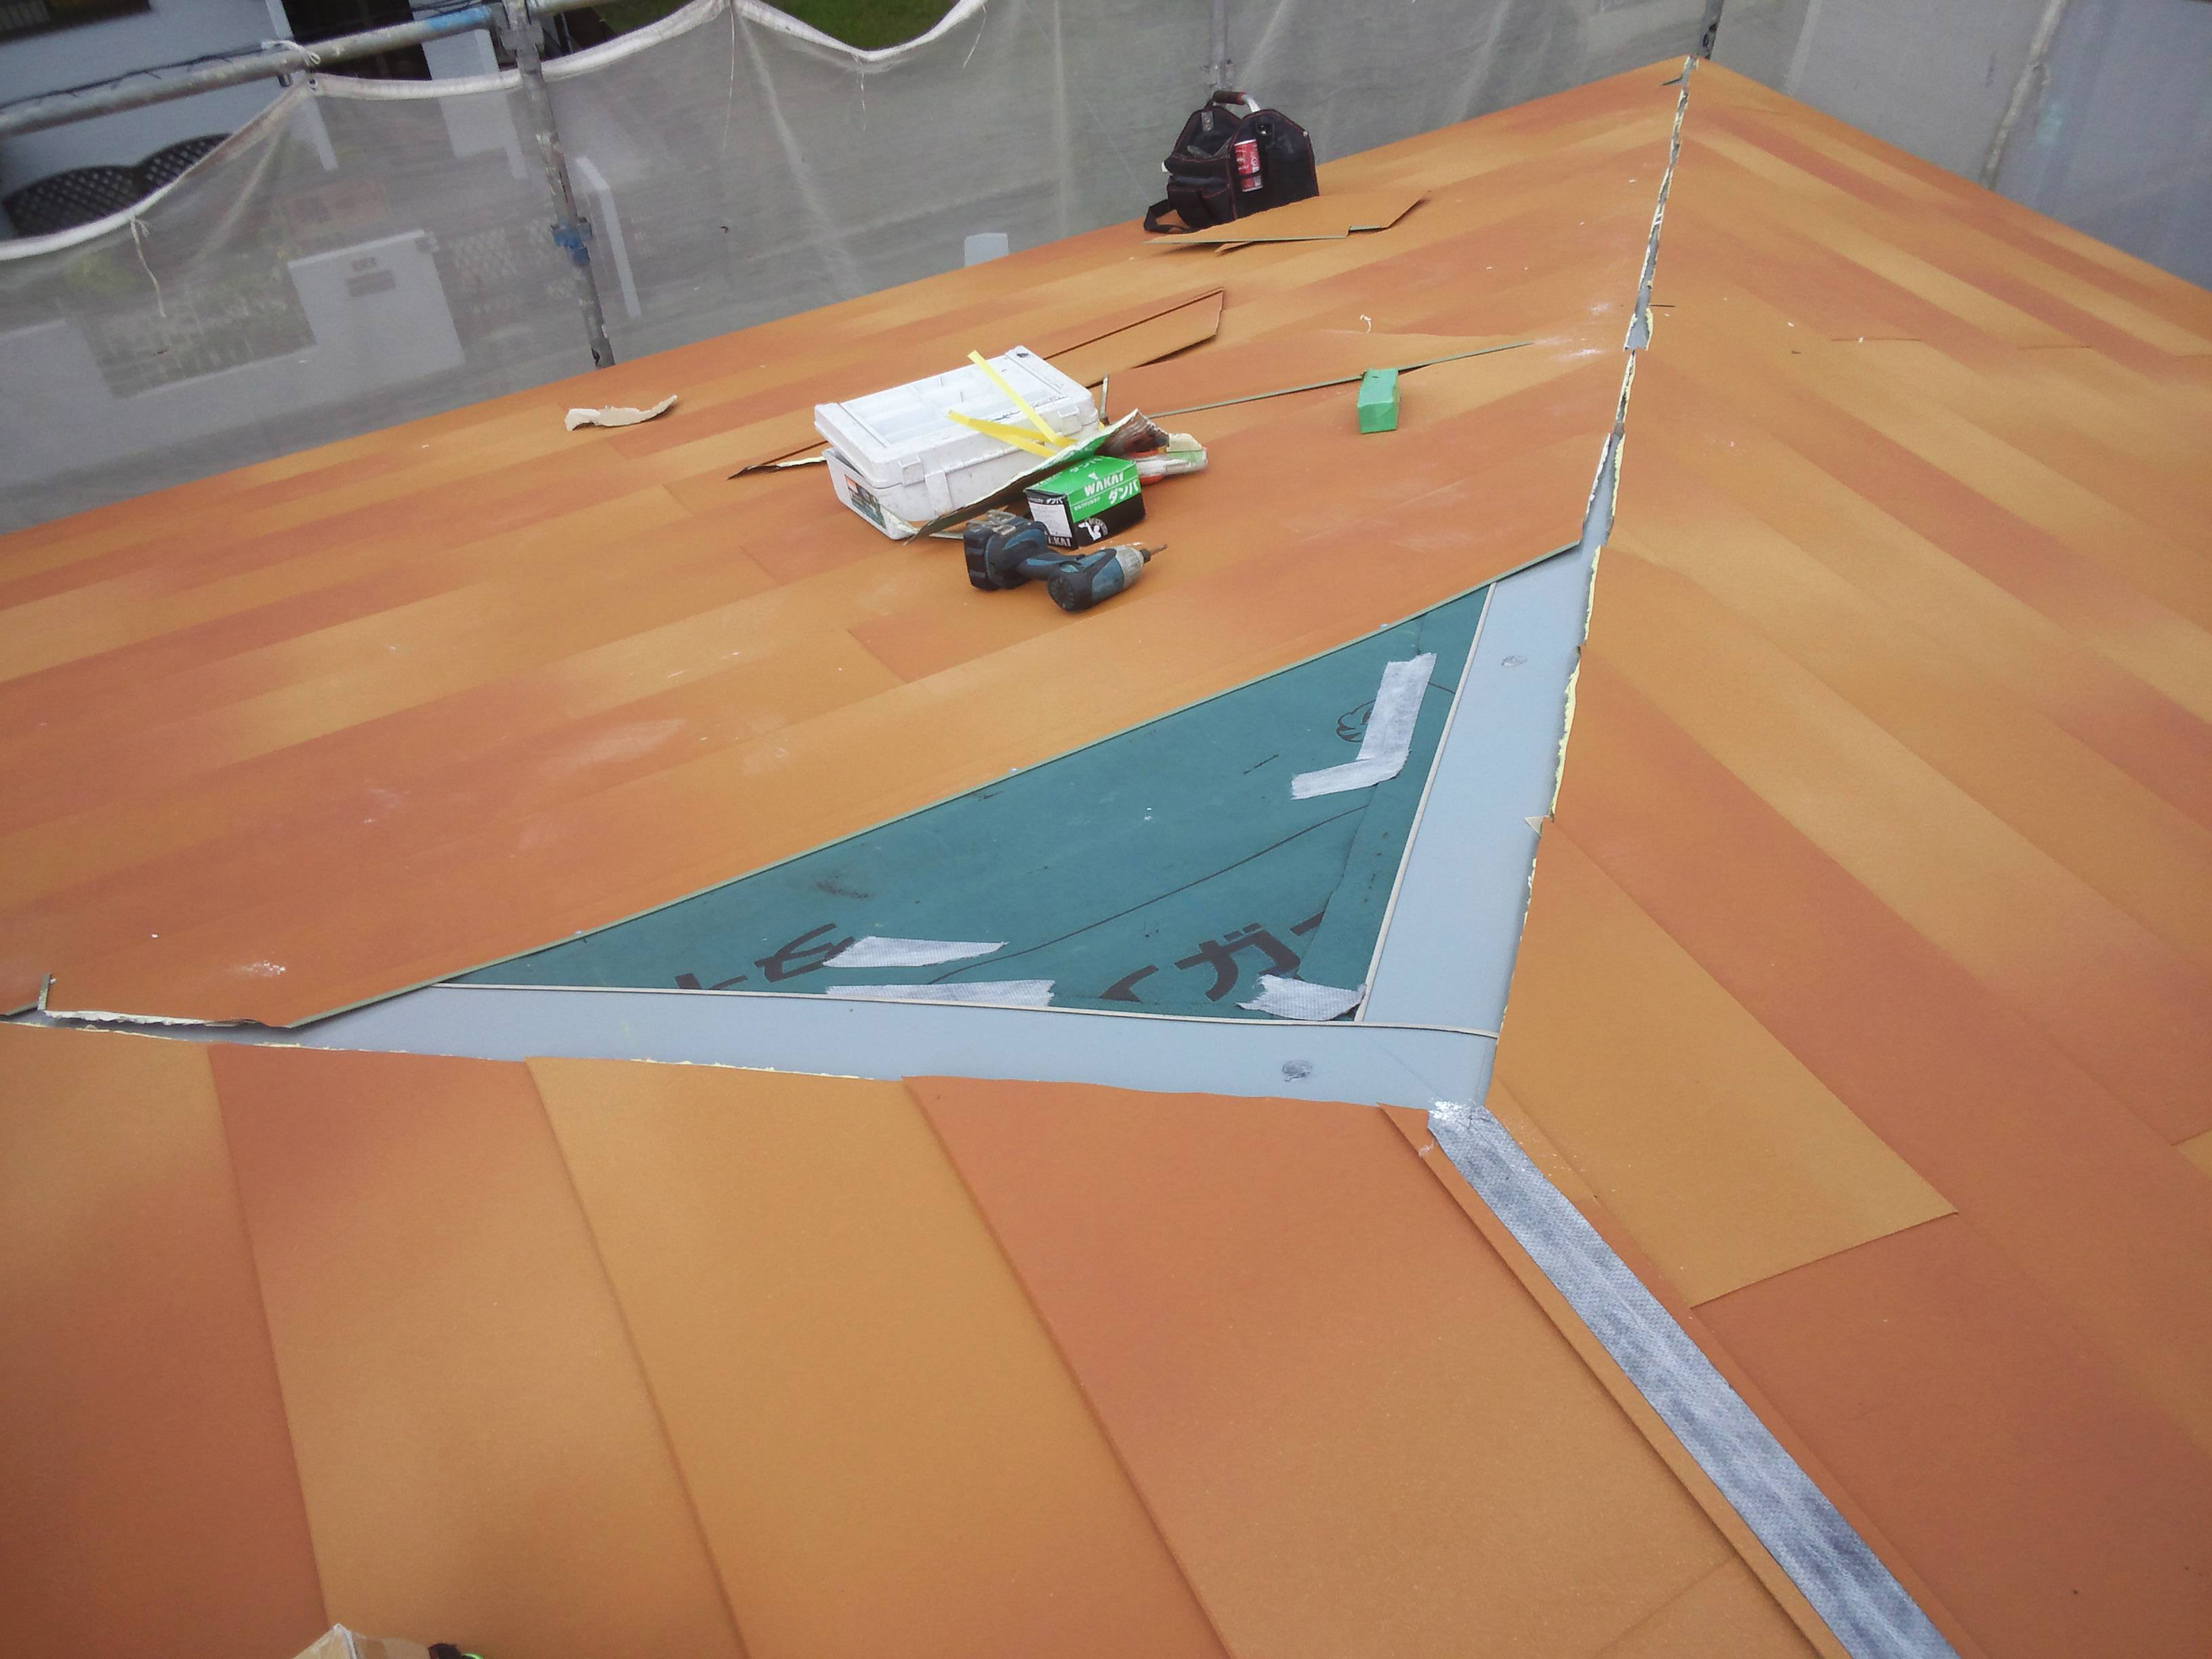 千葉県 大網白里市 屋根カバー工法 新しい棟板金の設置 横暖ルーフテラコッタの設置